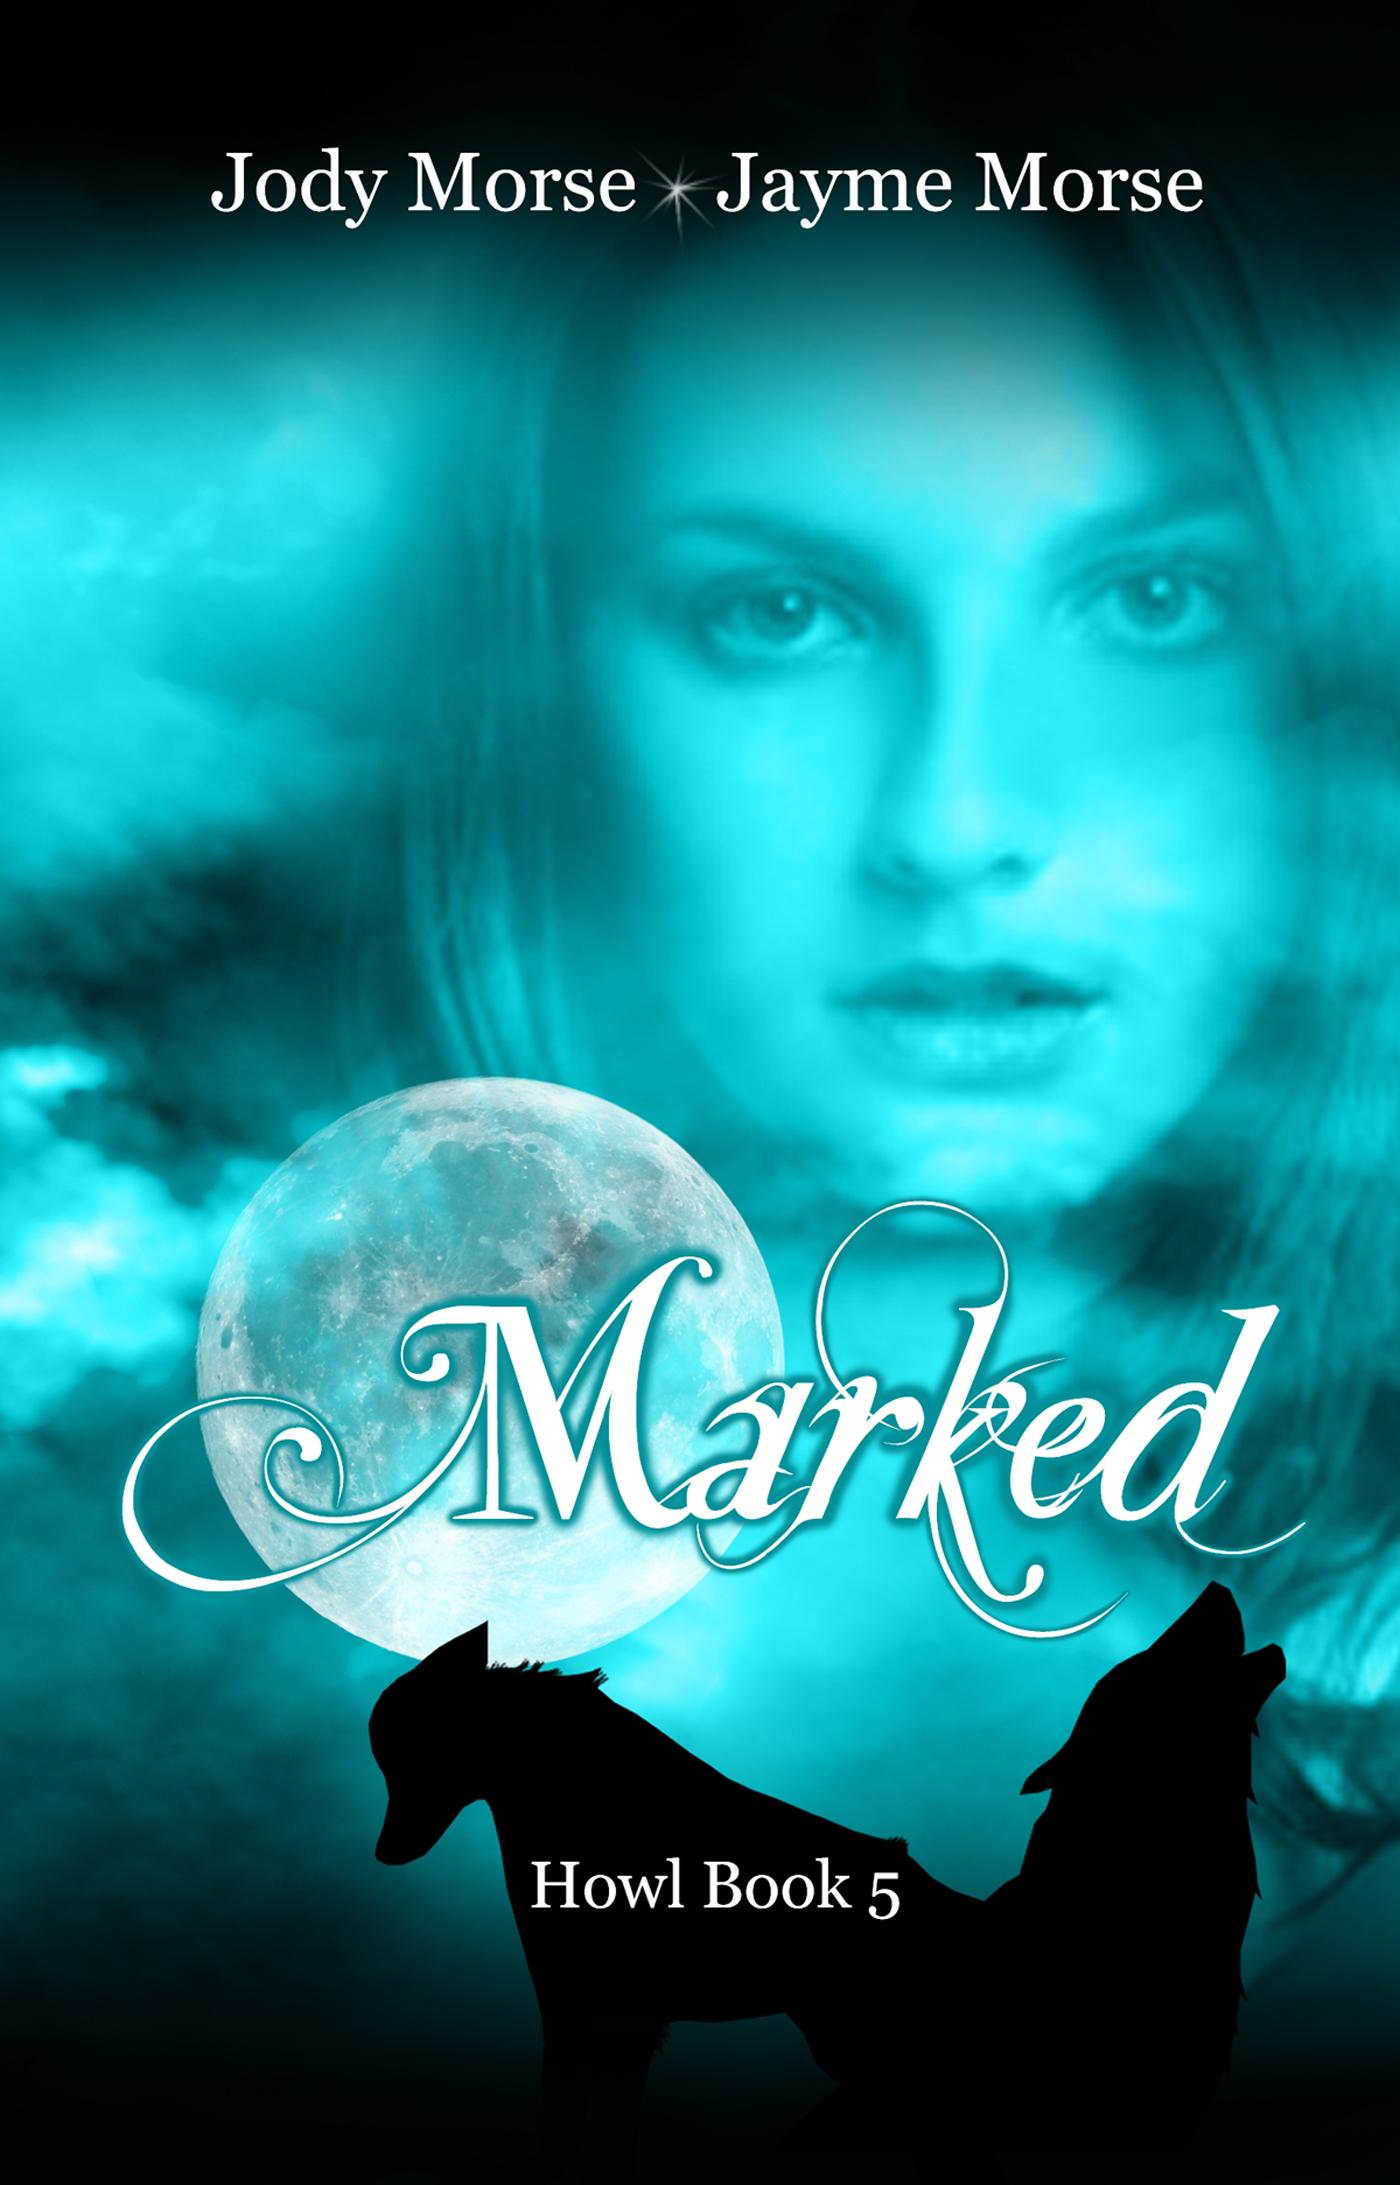 Jayme Morse - Marked (Howl #5) by Jody Morse & Jayme Morse